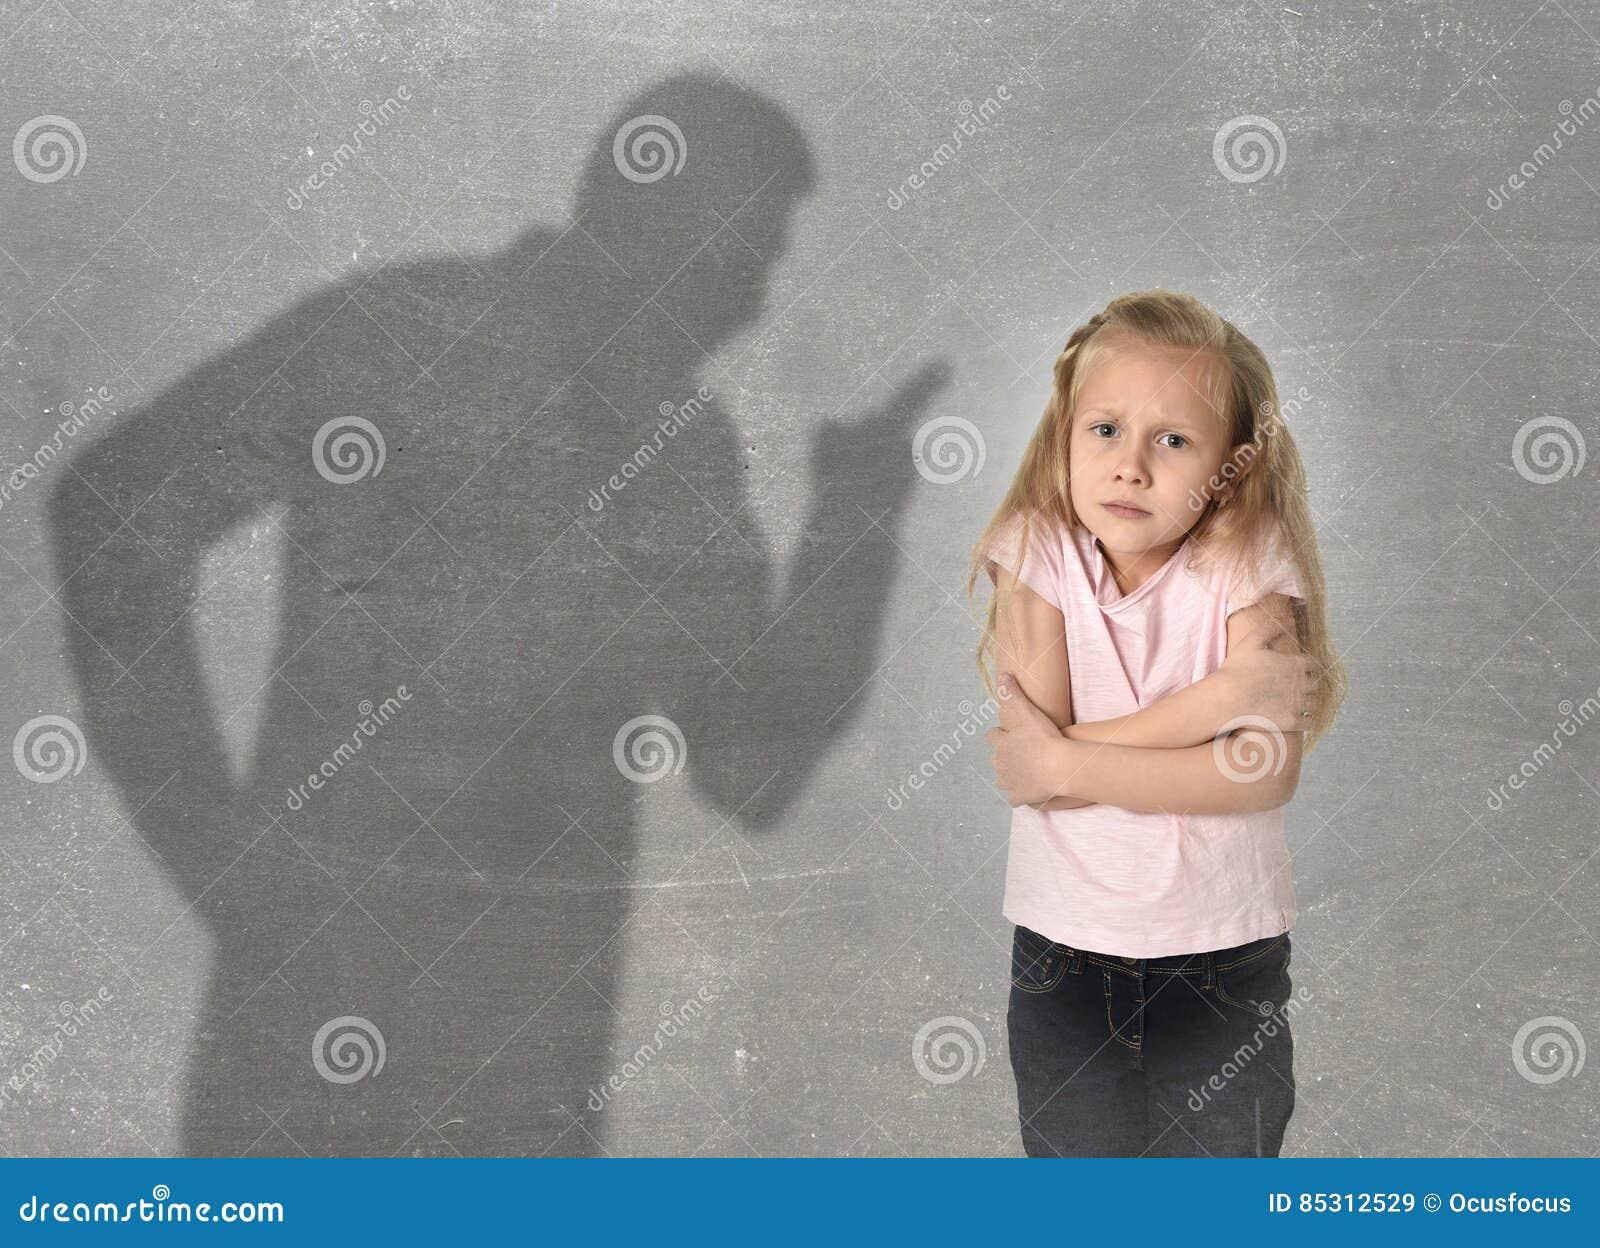 父亲或老师阴影叫喊的恼怒的责备的年轻甜矮小的女小学生或女儿